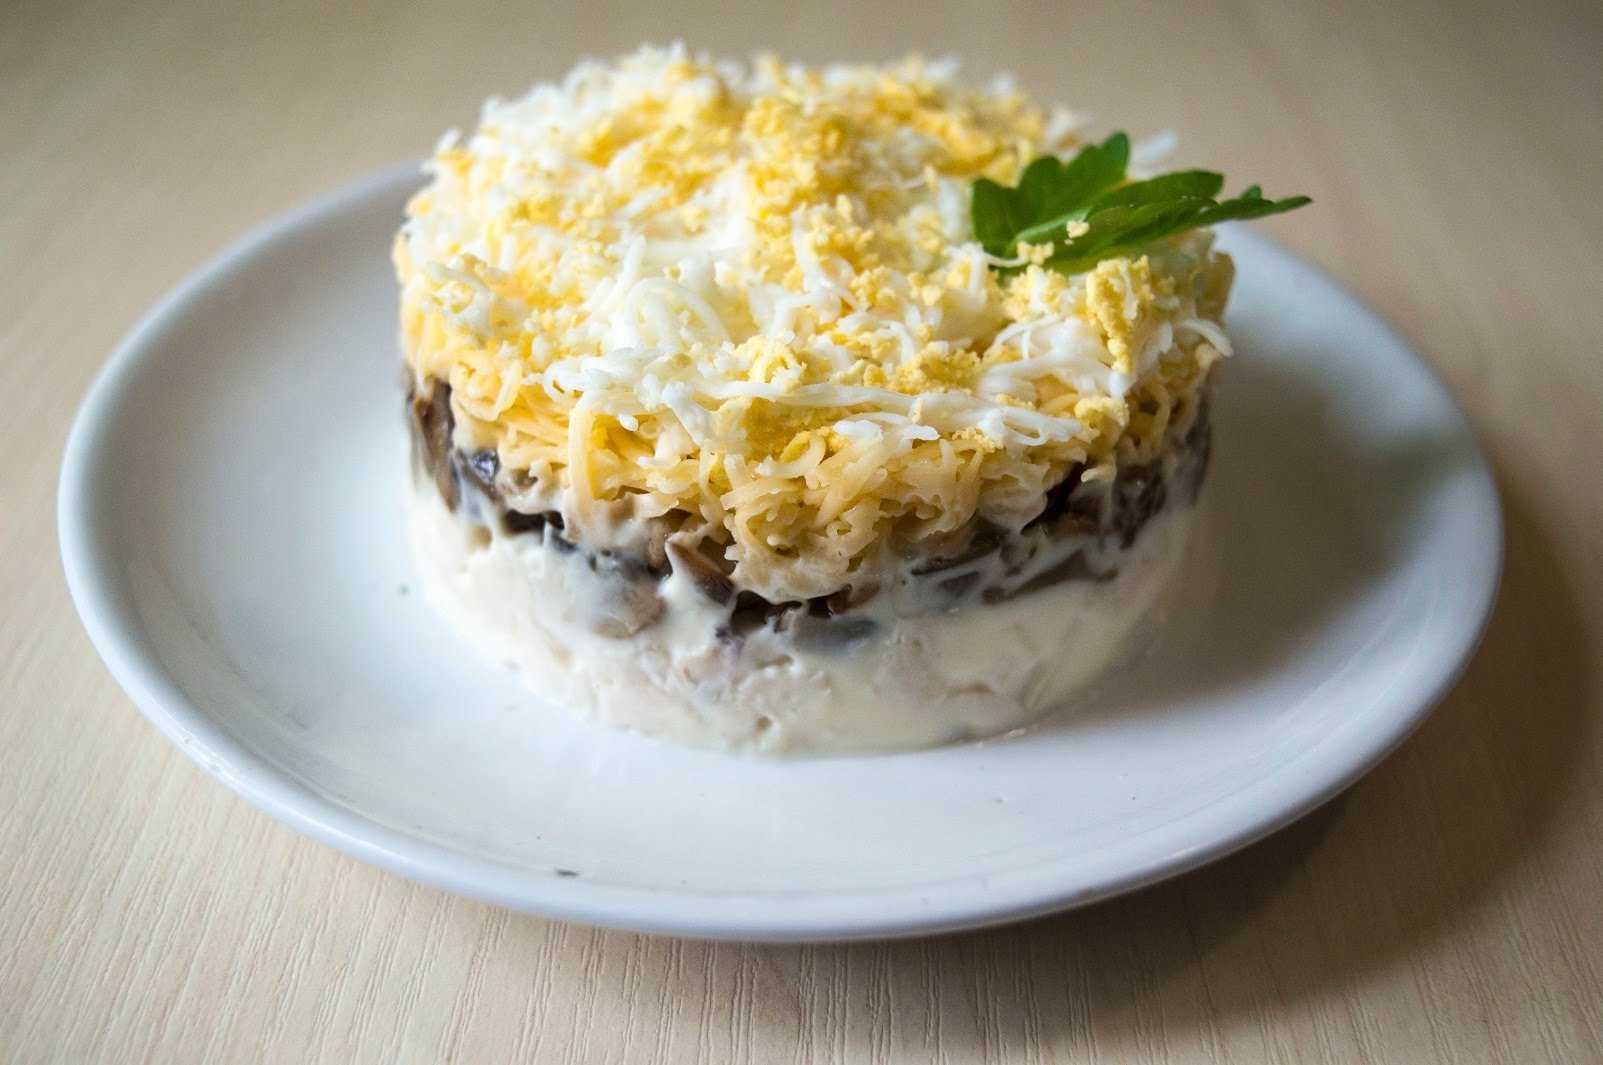 Салат нежность - различные варианты блюда: рецепт с фото и видео